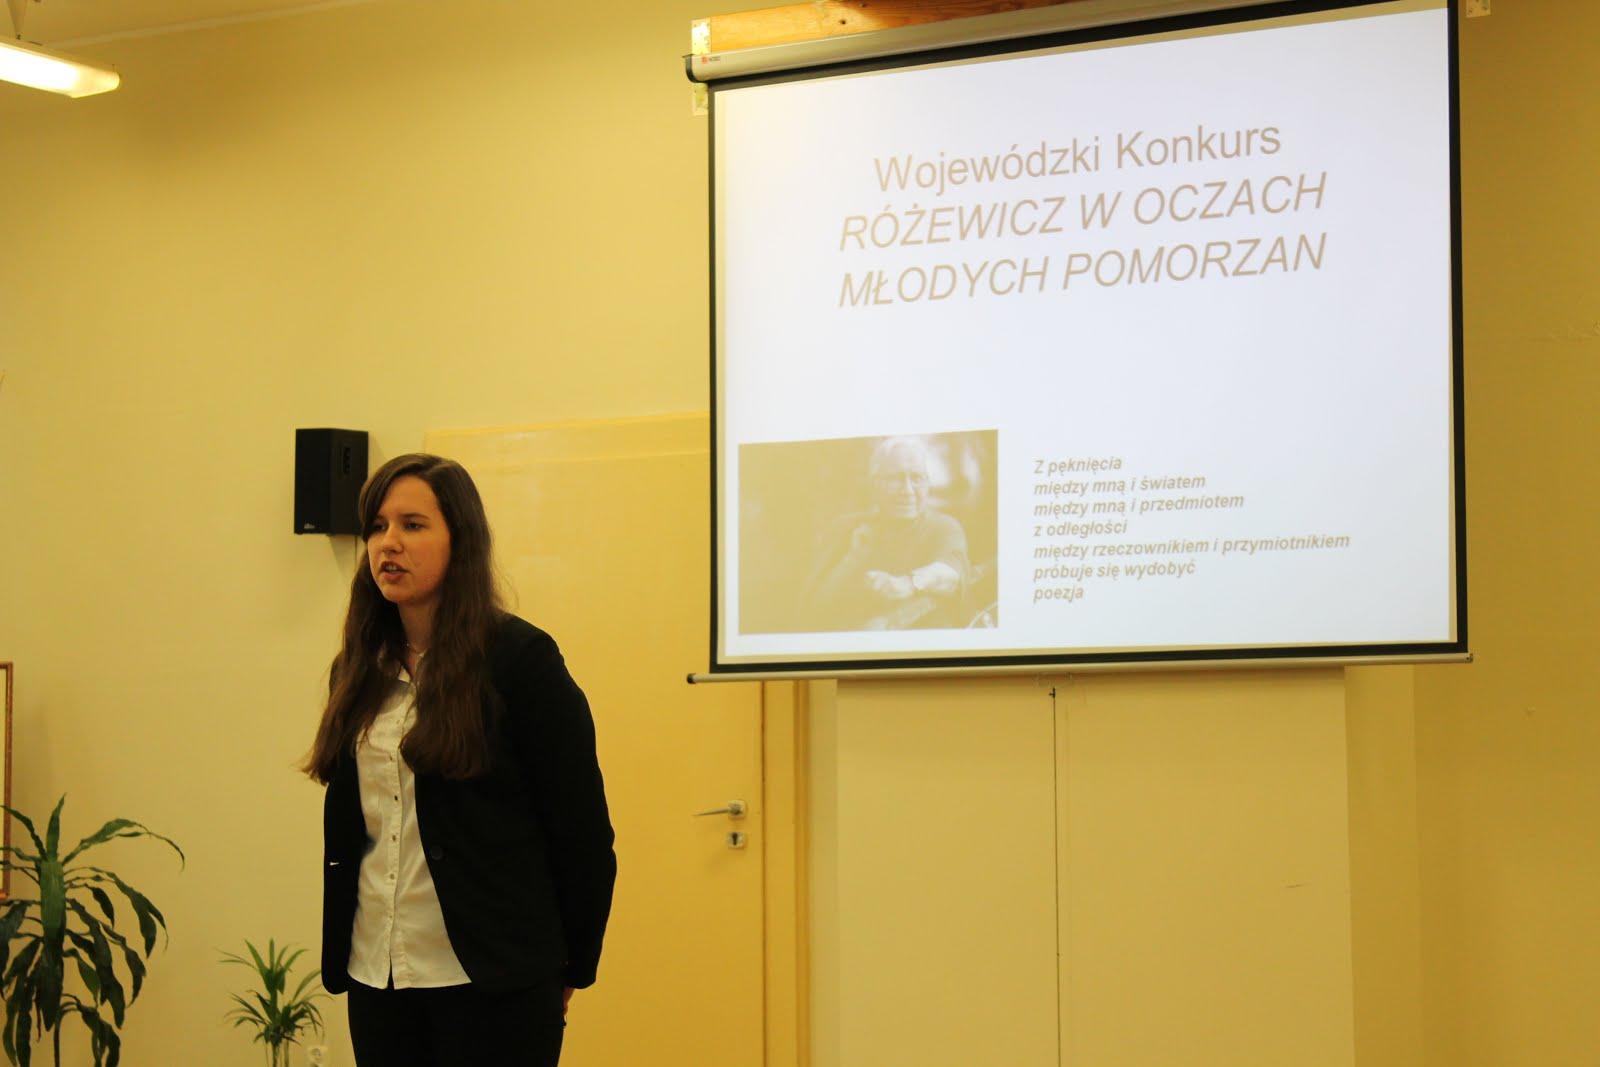 Zofia Kuncicka